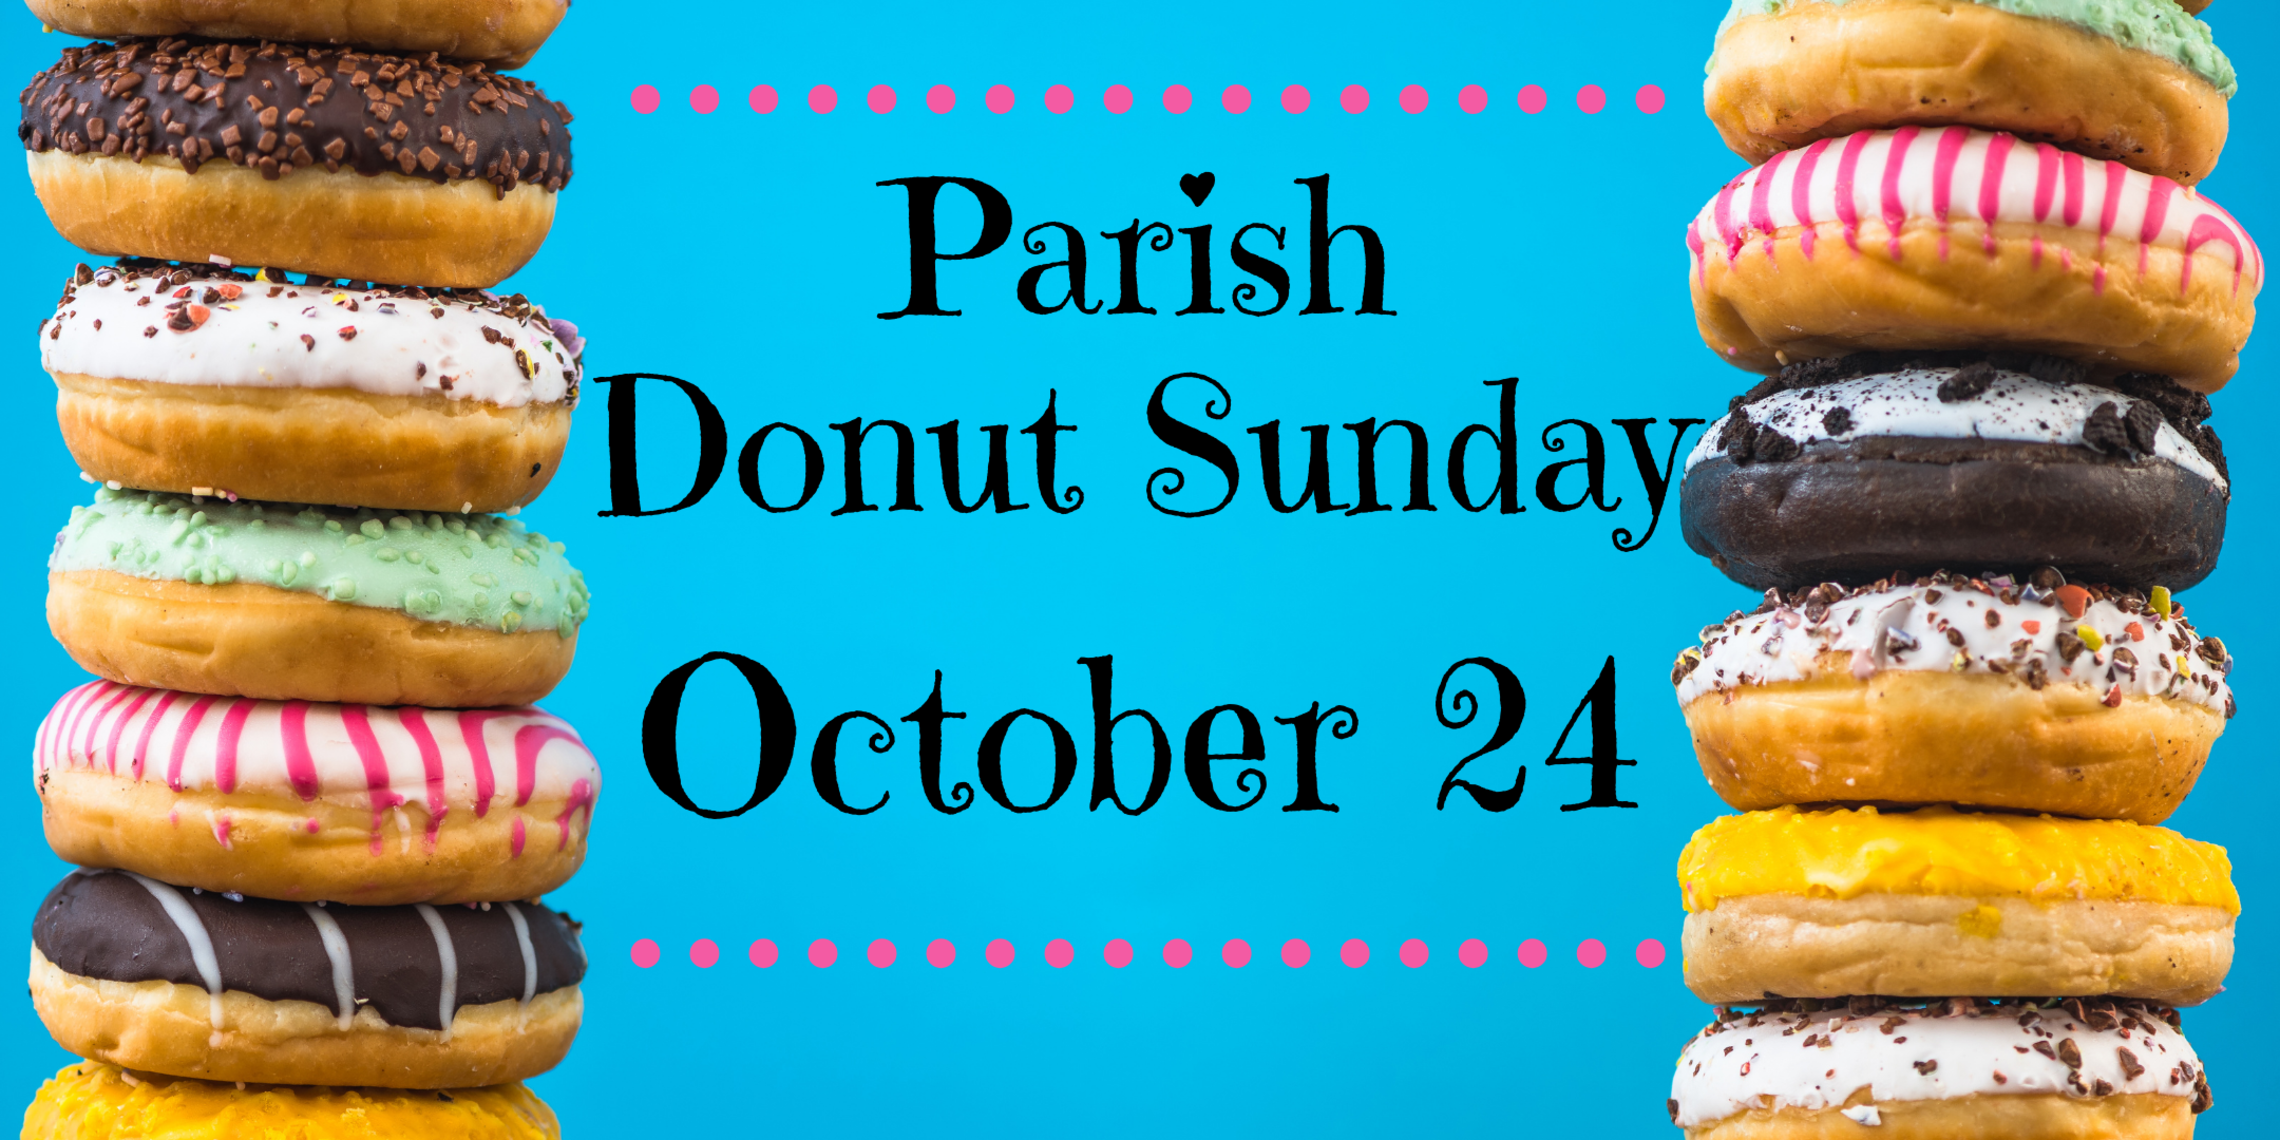 Donut Sunday Web